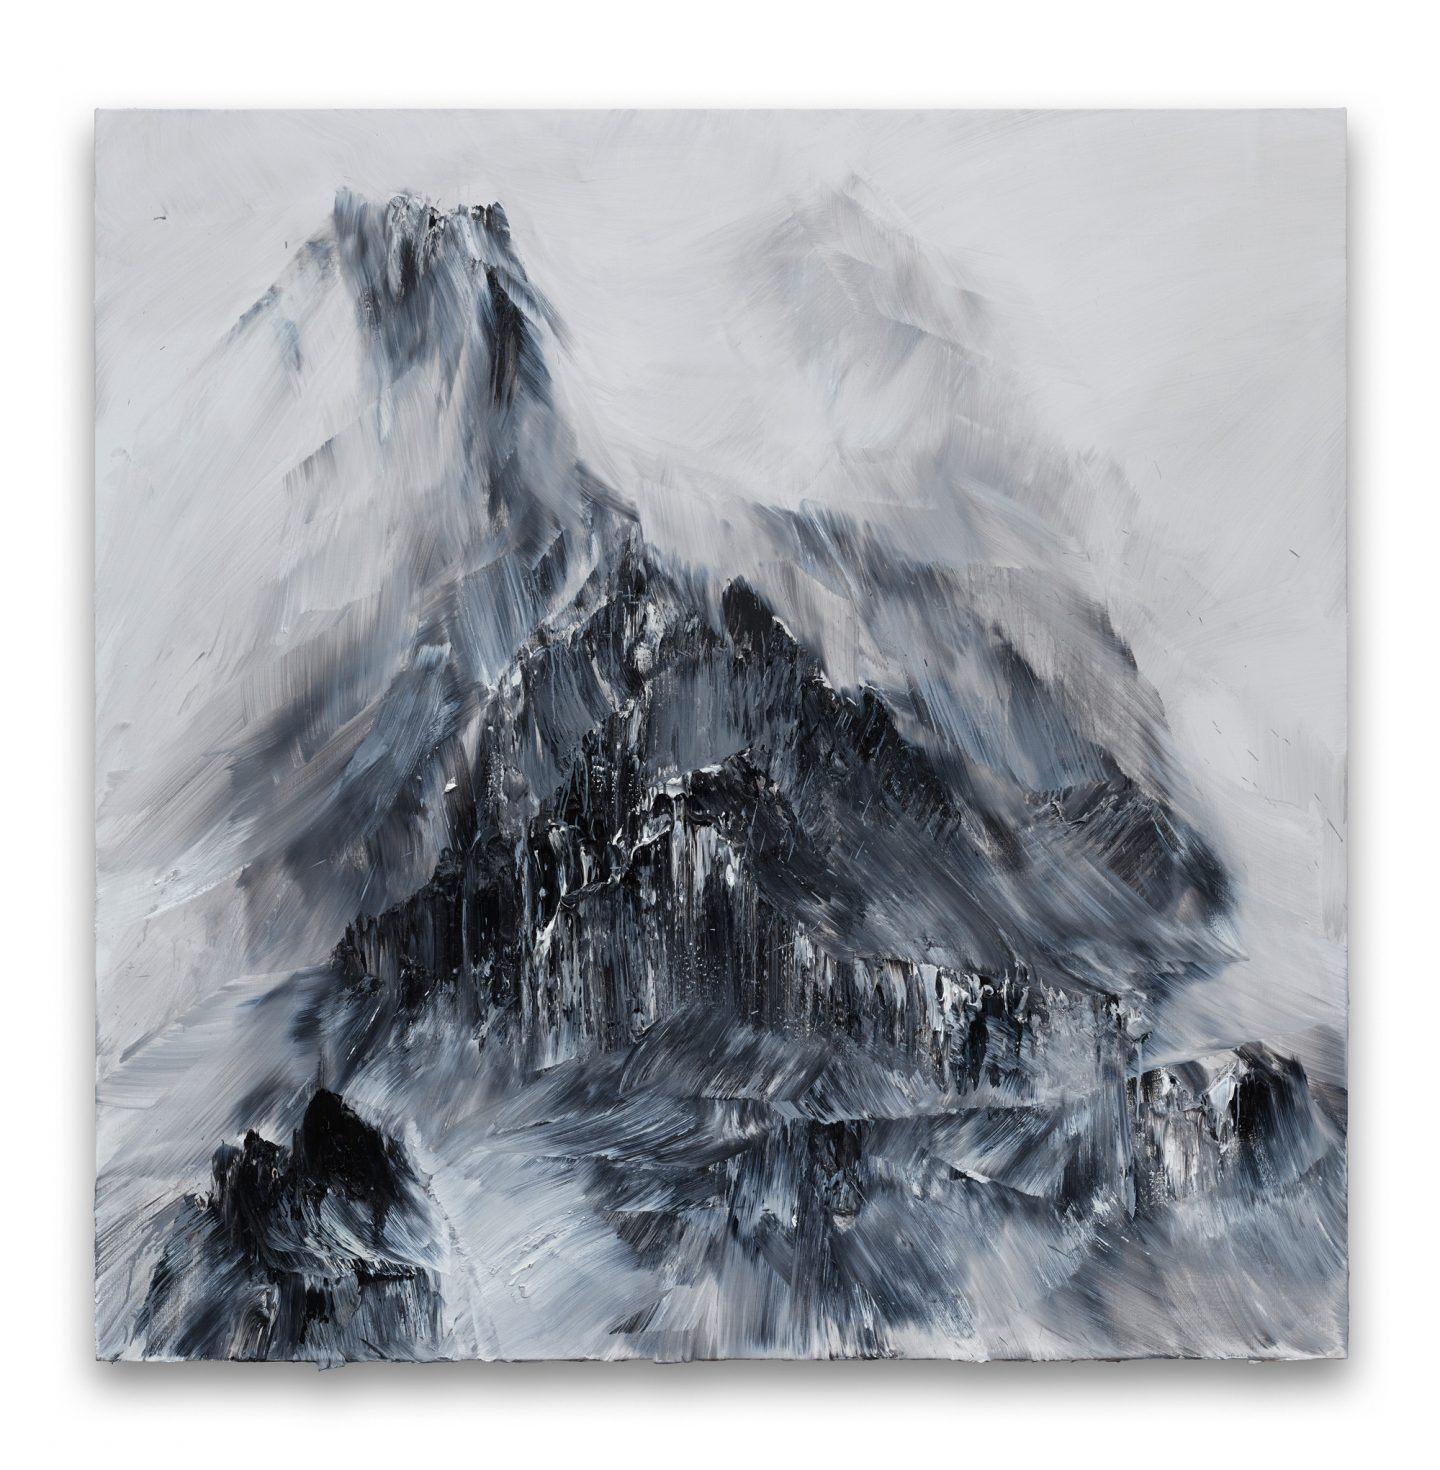 IGNANT-Art-Conrad-Jon-Godly-Paintings-13